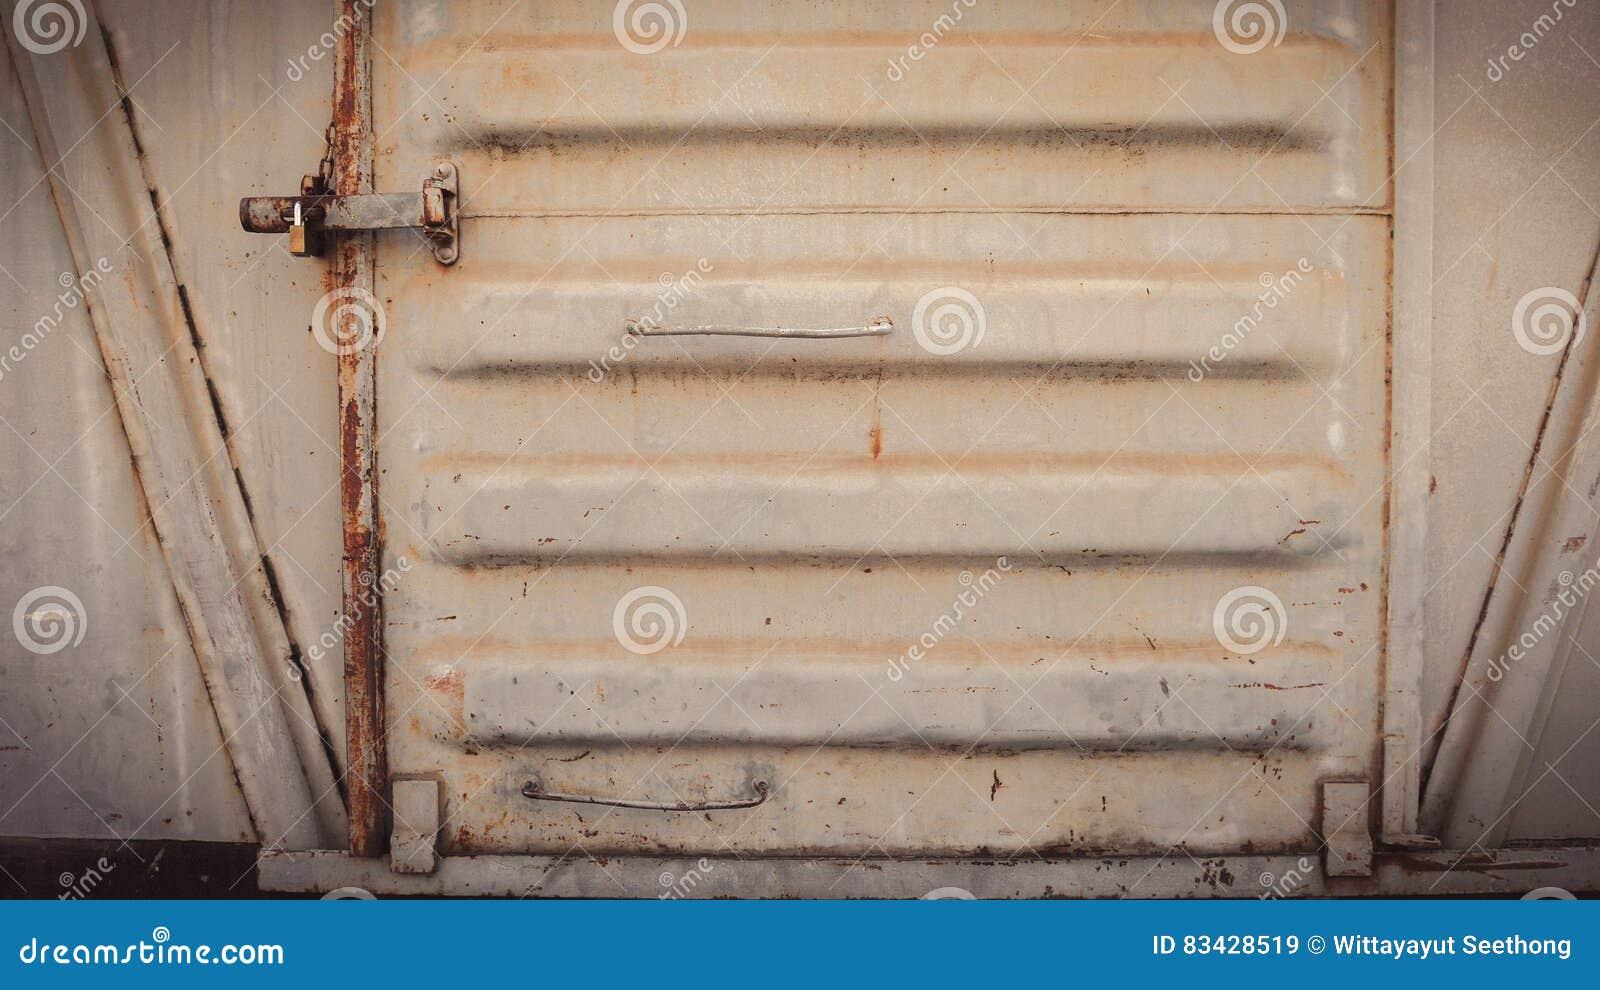 Abstracte grungy metaaloppervlakte en slot op roestige ijzerdeur van restauratierijtuigtrein